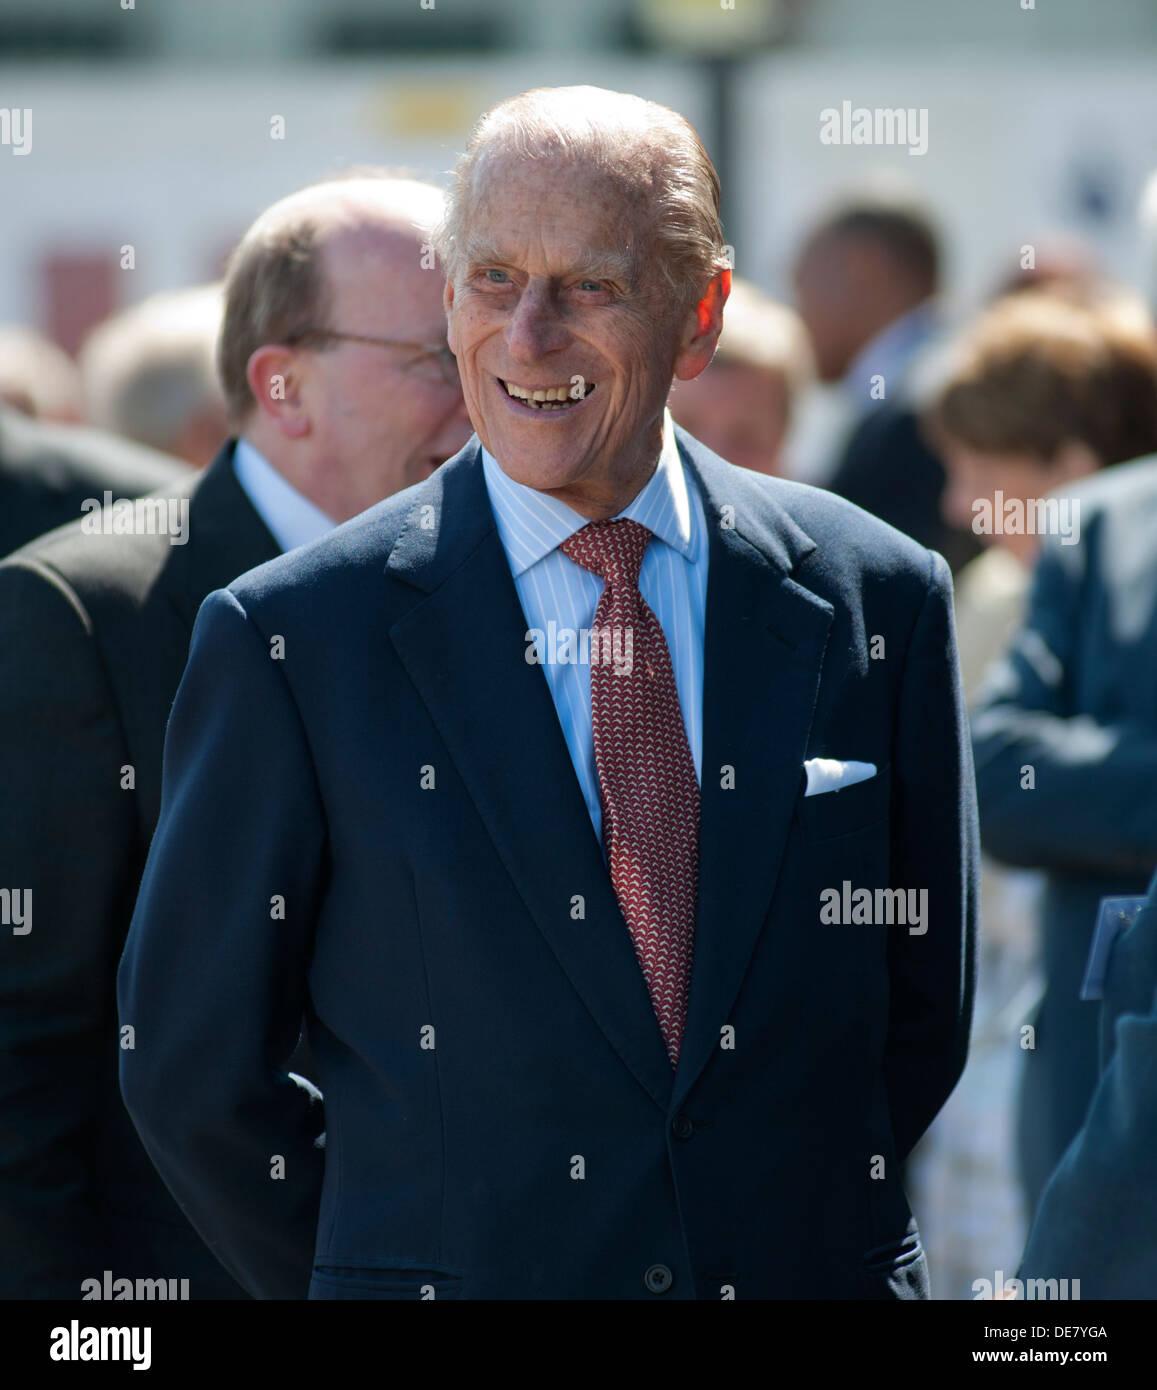 S.a.r. el Príncipe Felipe, Duque de Edimburgo, de 93 años, visita SS Robin los mundos más antiguo vapor completo,Victoria Docks, Londres, Inglaterra. Foto de stock